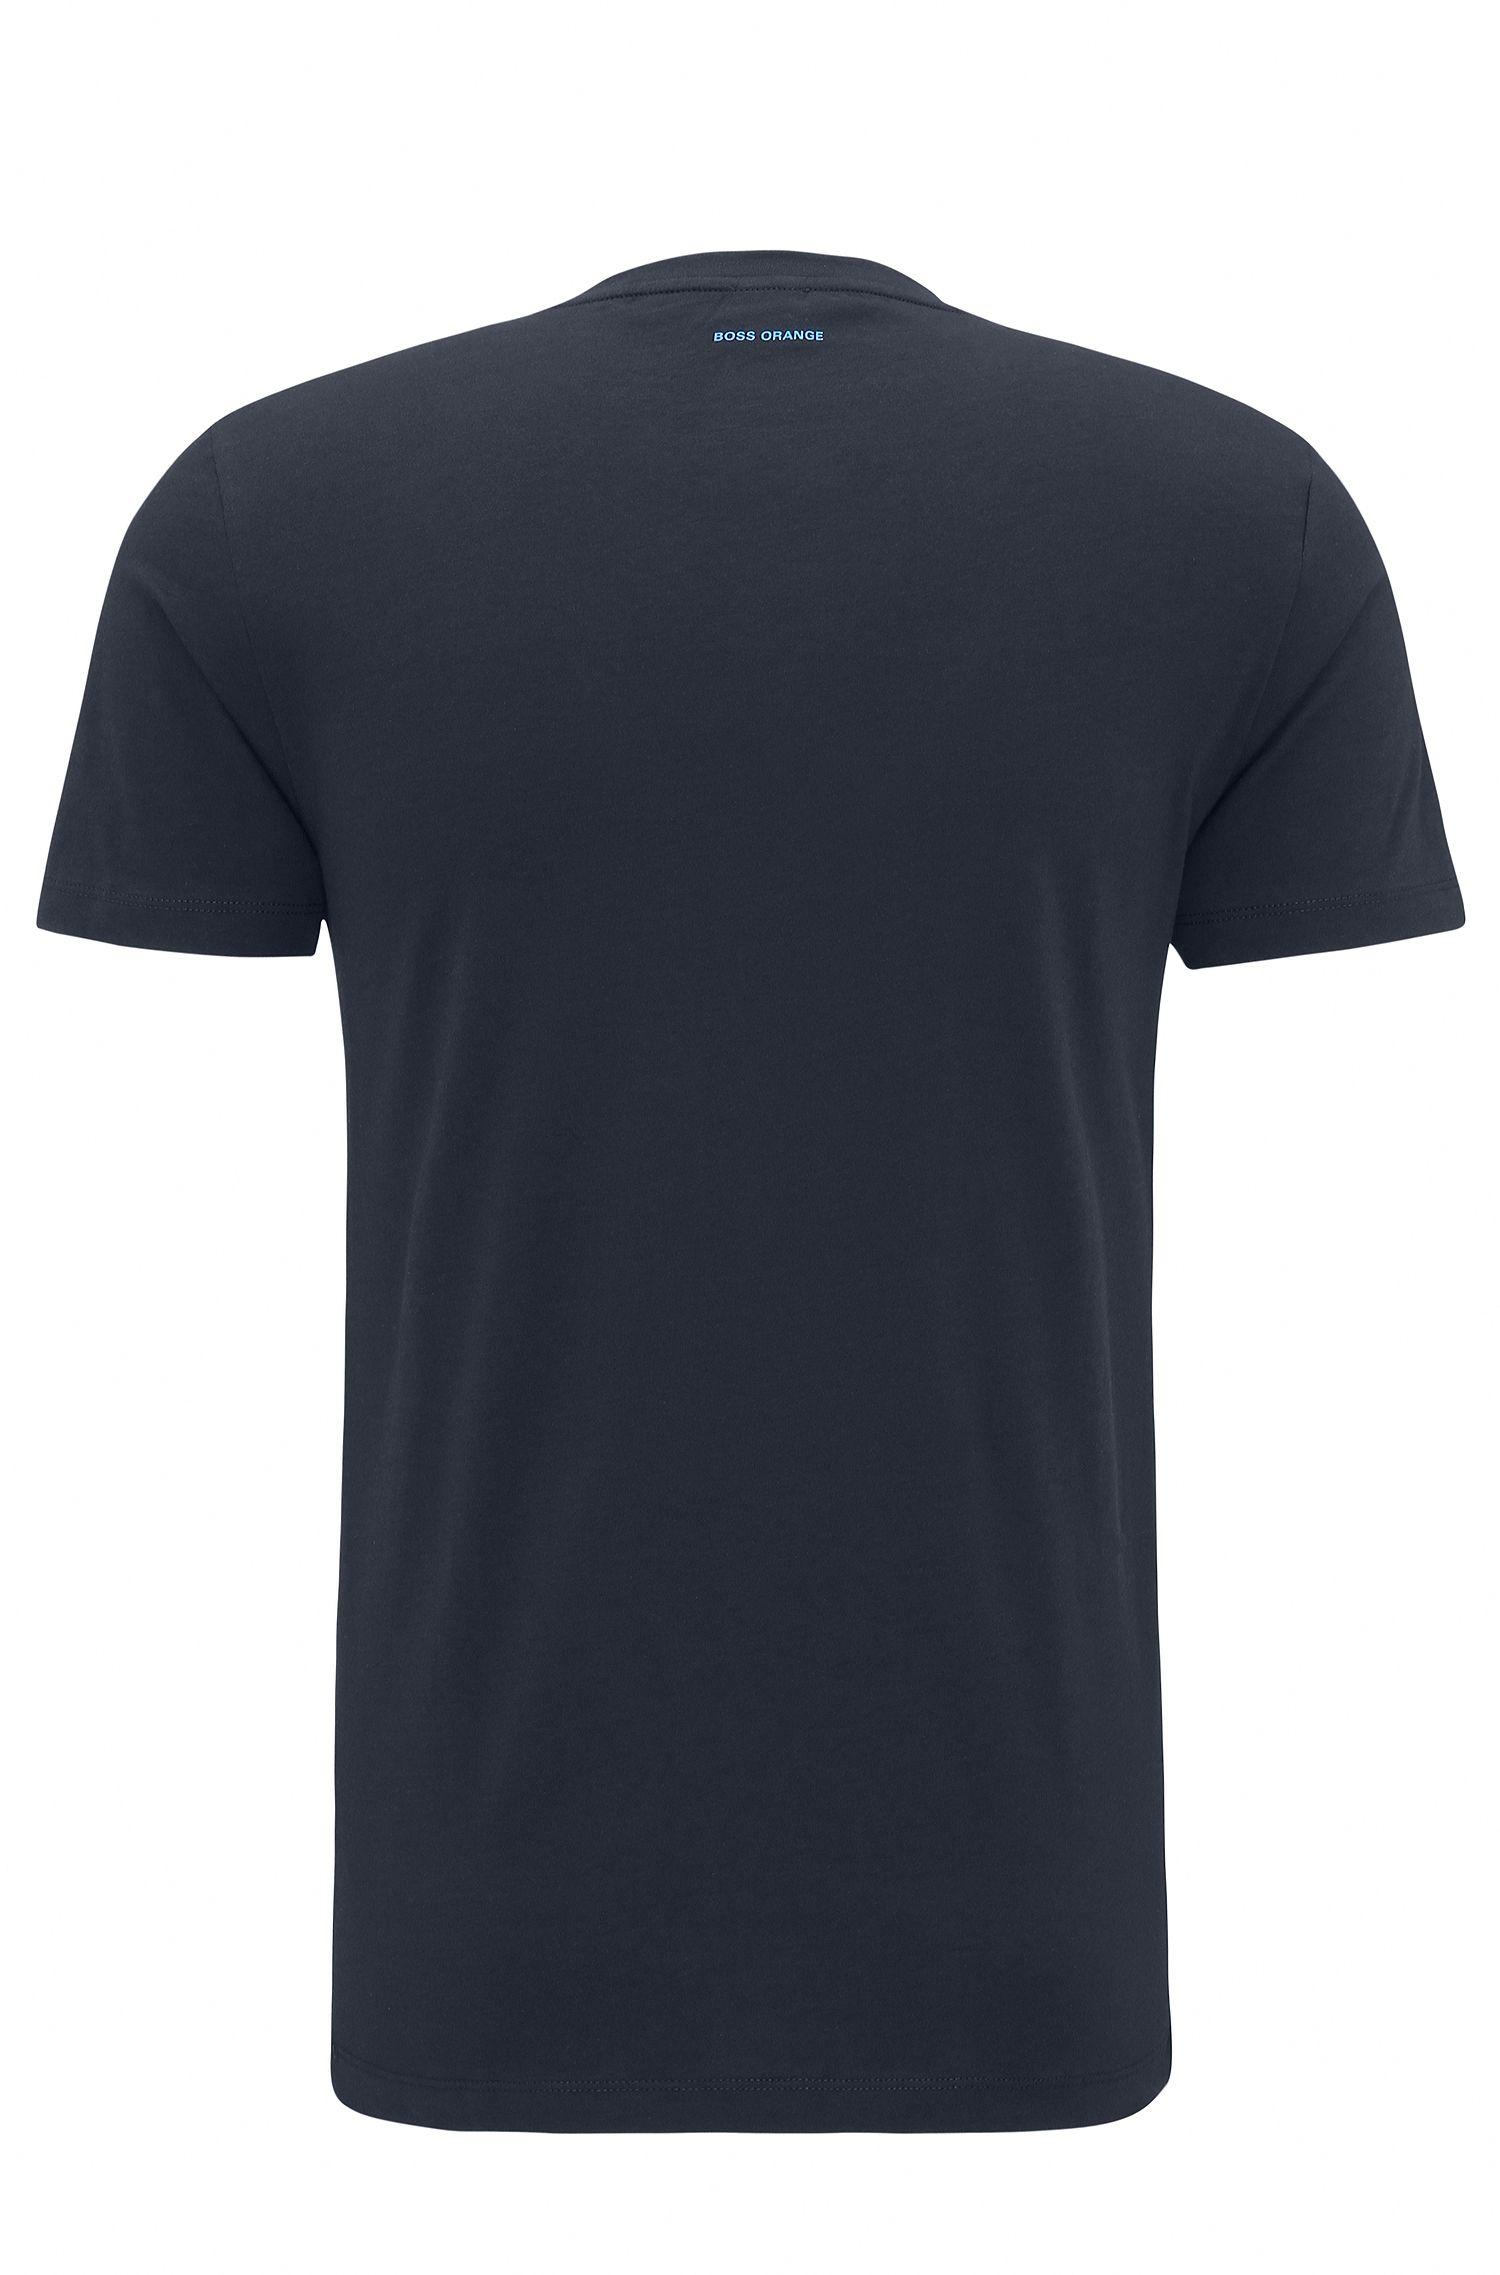 Cotton Graphic T-Shirt | Turbulence